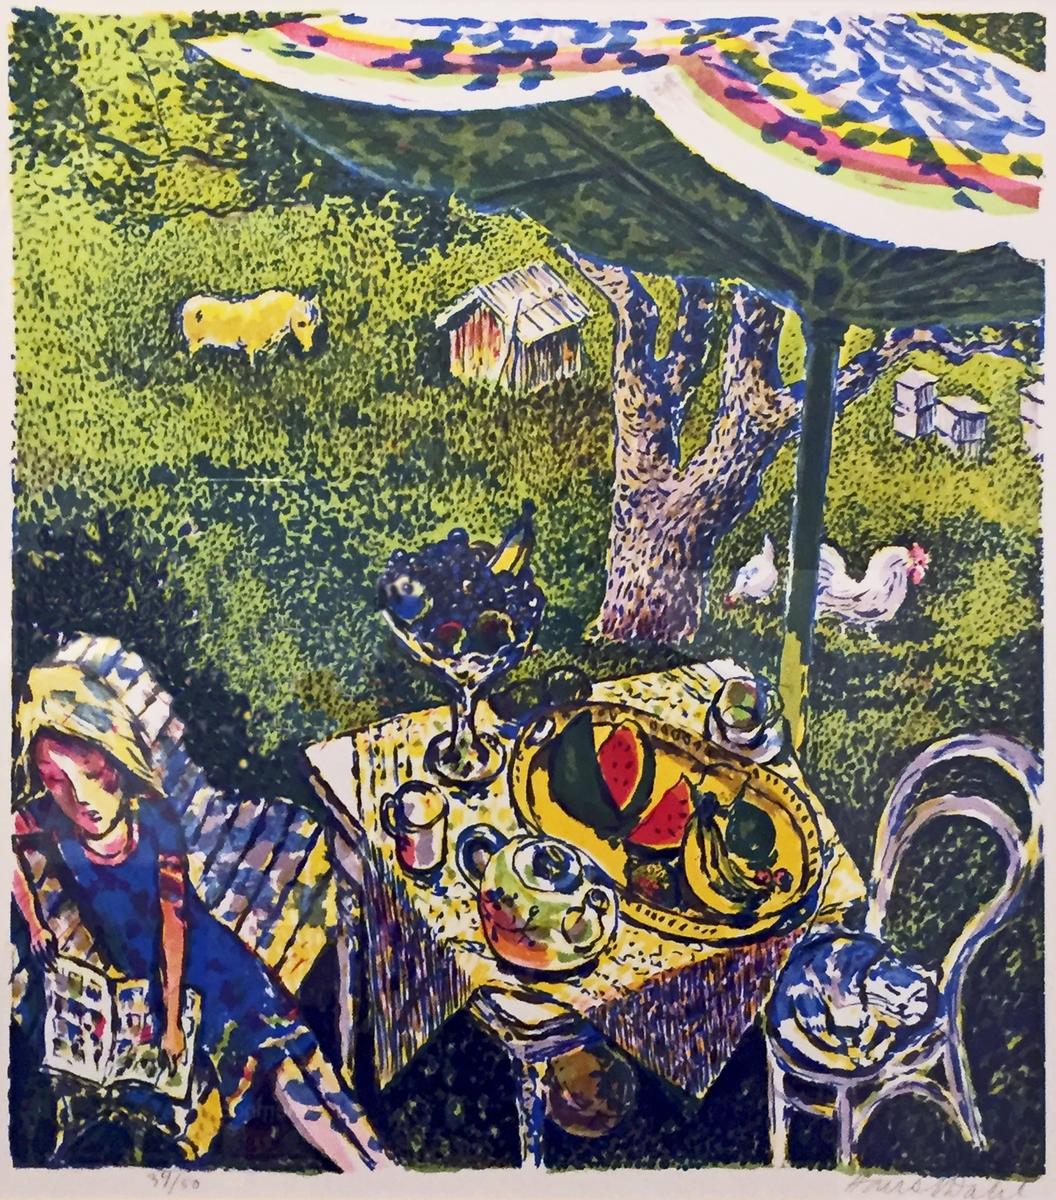 Hans Normann Dahl er en maler, grafiker, avistegner og illistratør. Han er kjent for sine mange fargerike, frodige og romantiske bilder, ofte i en karikert og idylliserende stil.